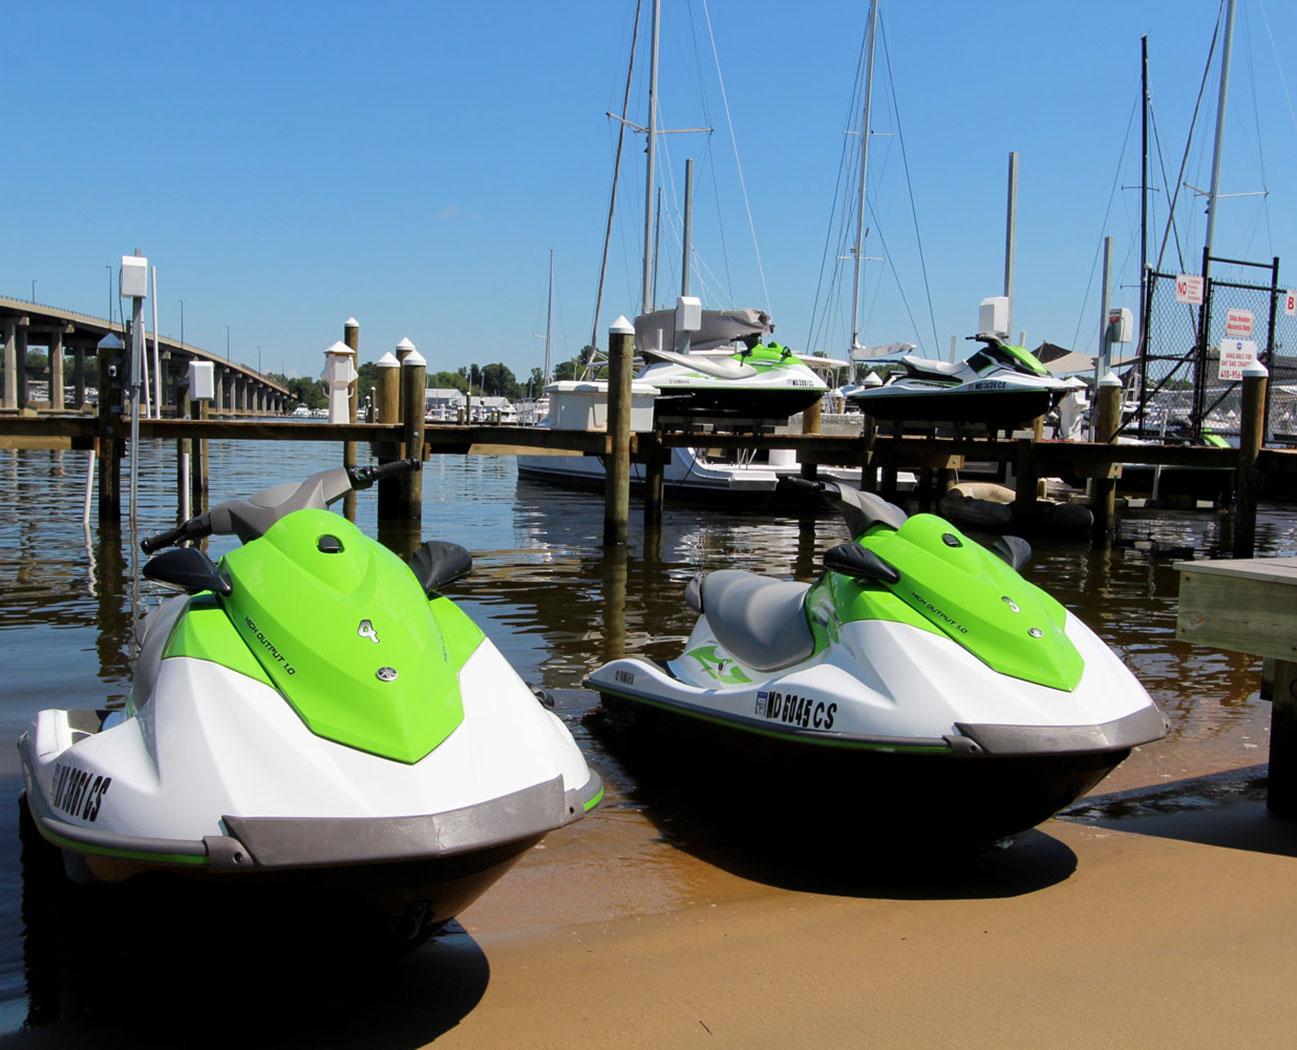 Beach-Boat Ramp-boat lifts-yoga-jetski-boat slips-restaurant